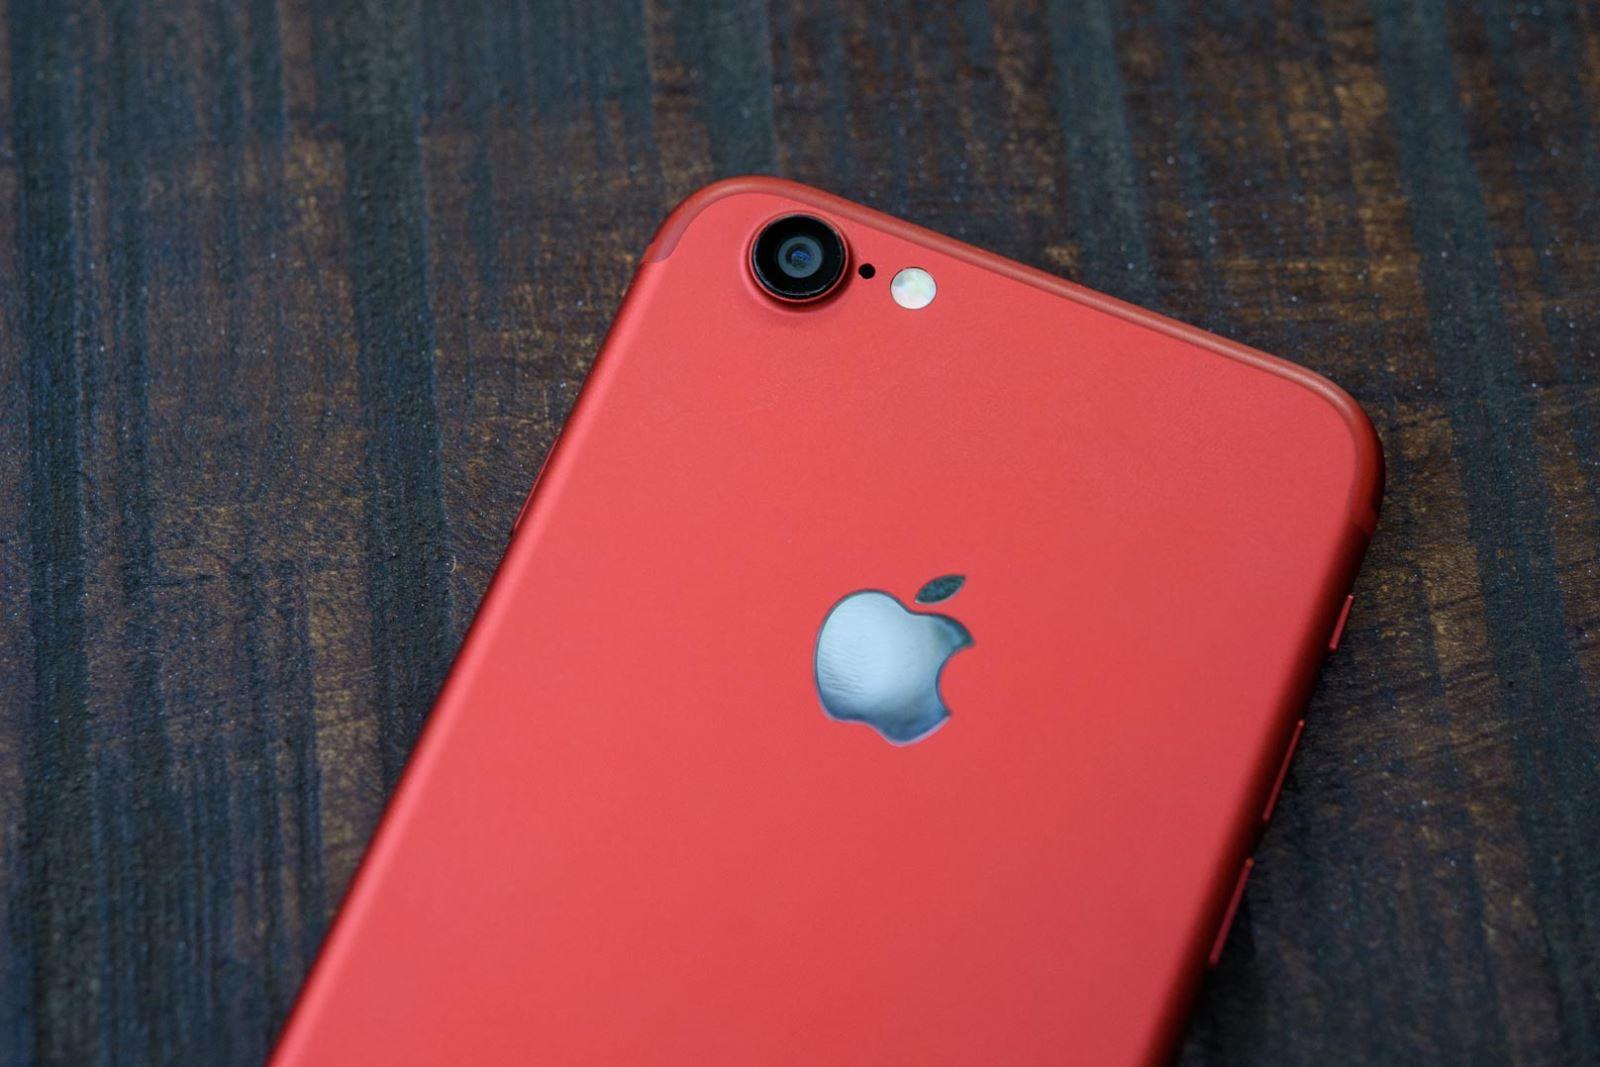 trên tay iPhone 6 độ vỏ màu đỏ của iPhone 7 RED